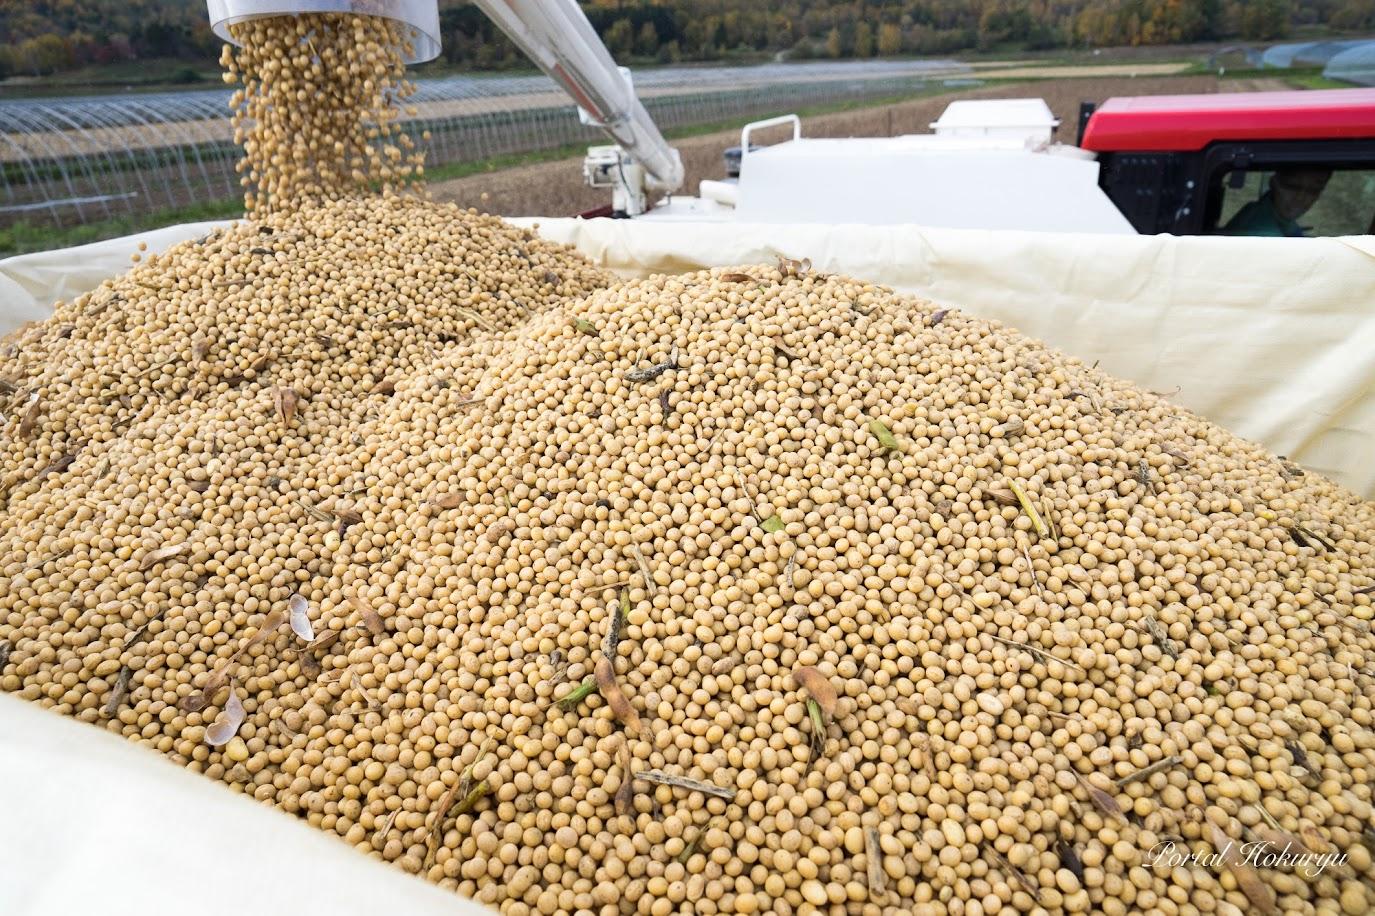 フレコンに積み込まれる大豆